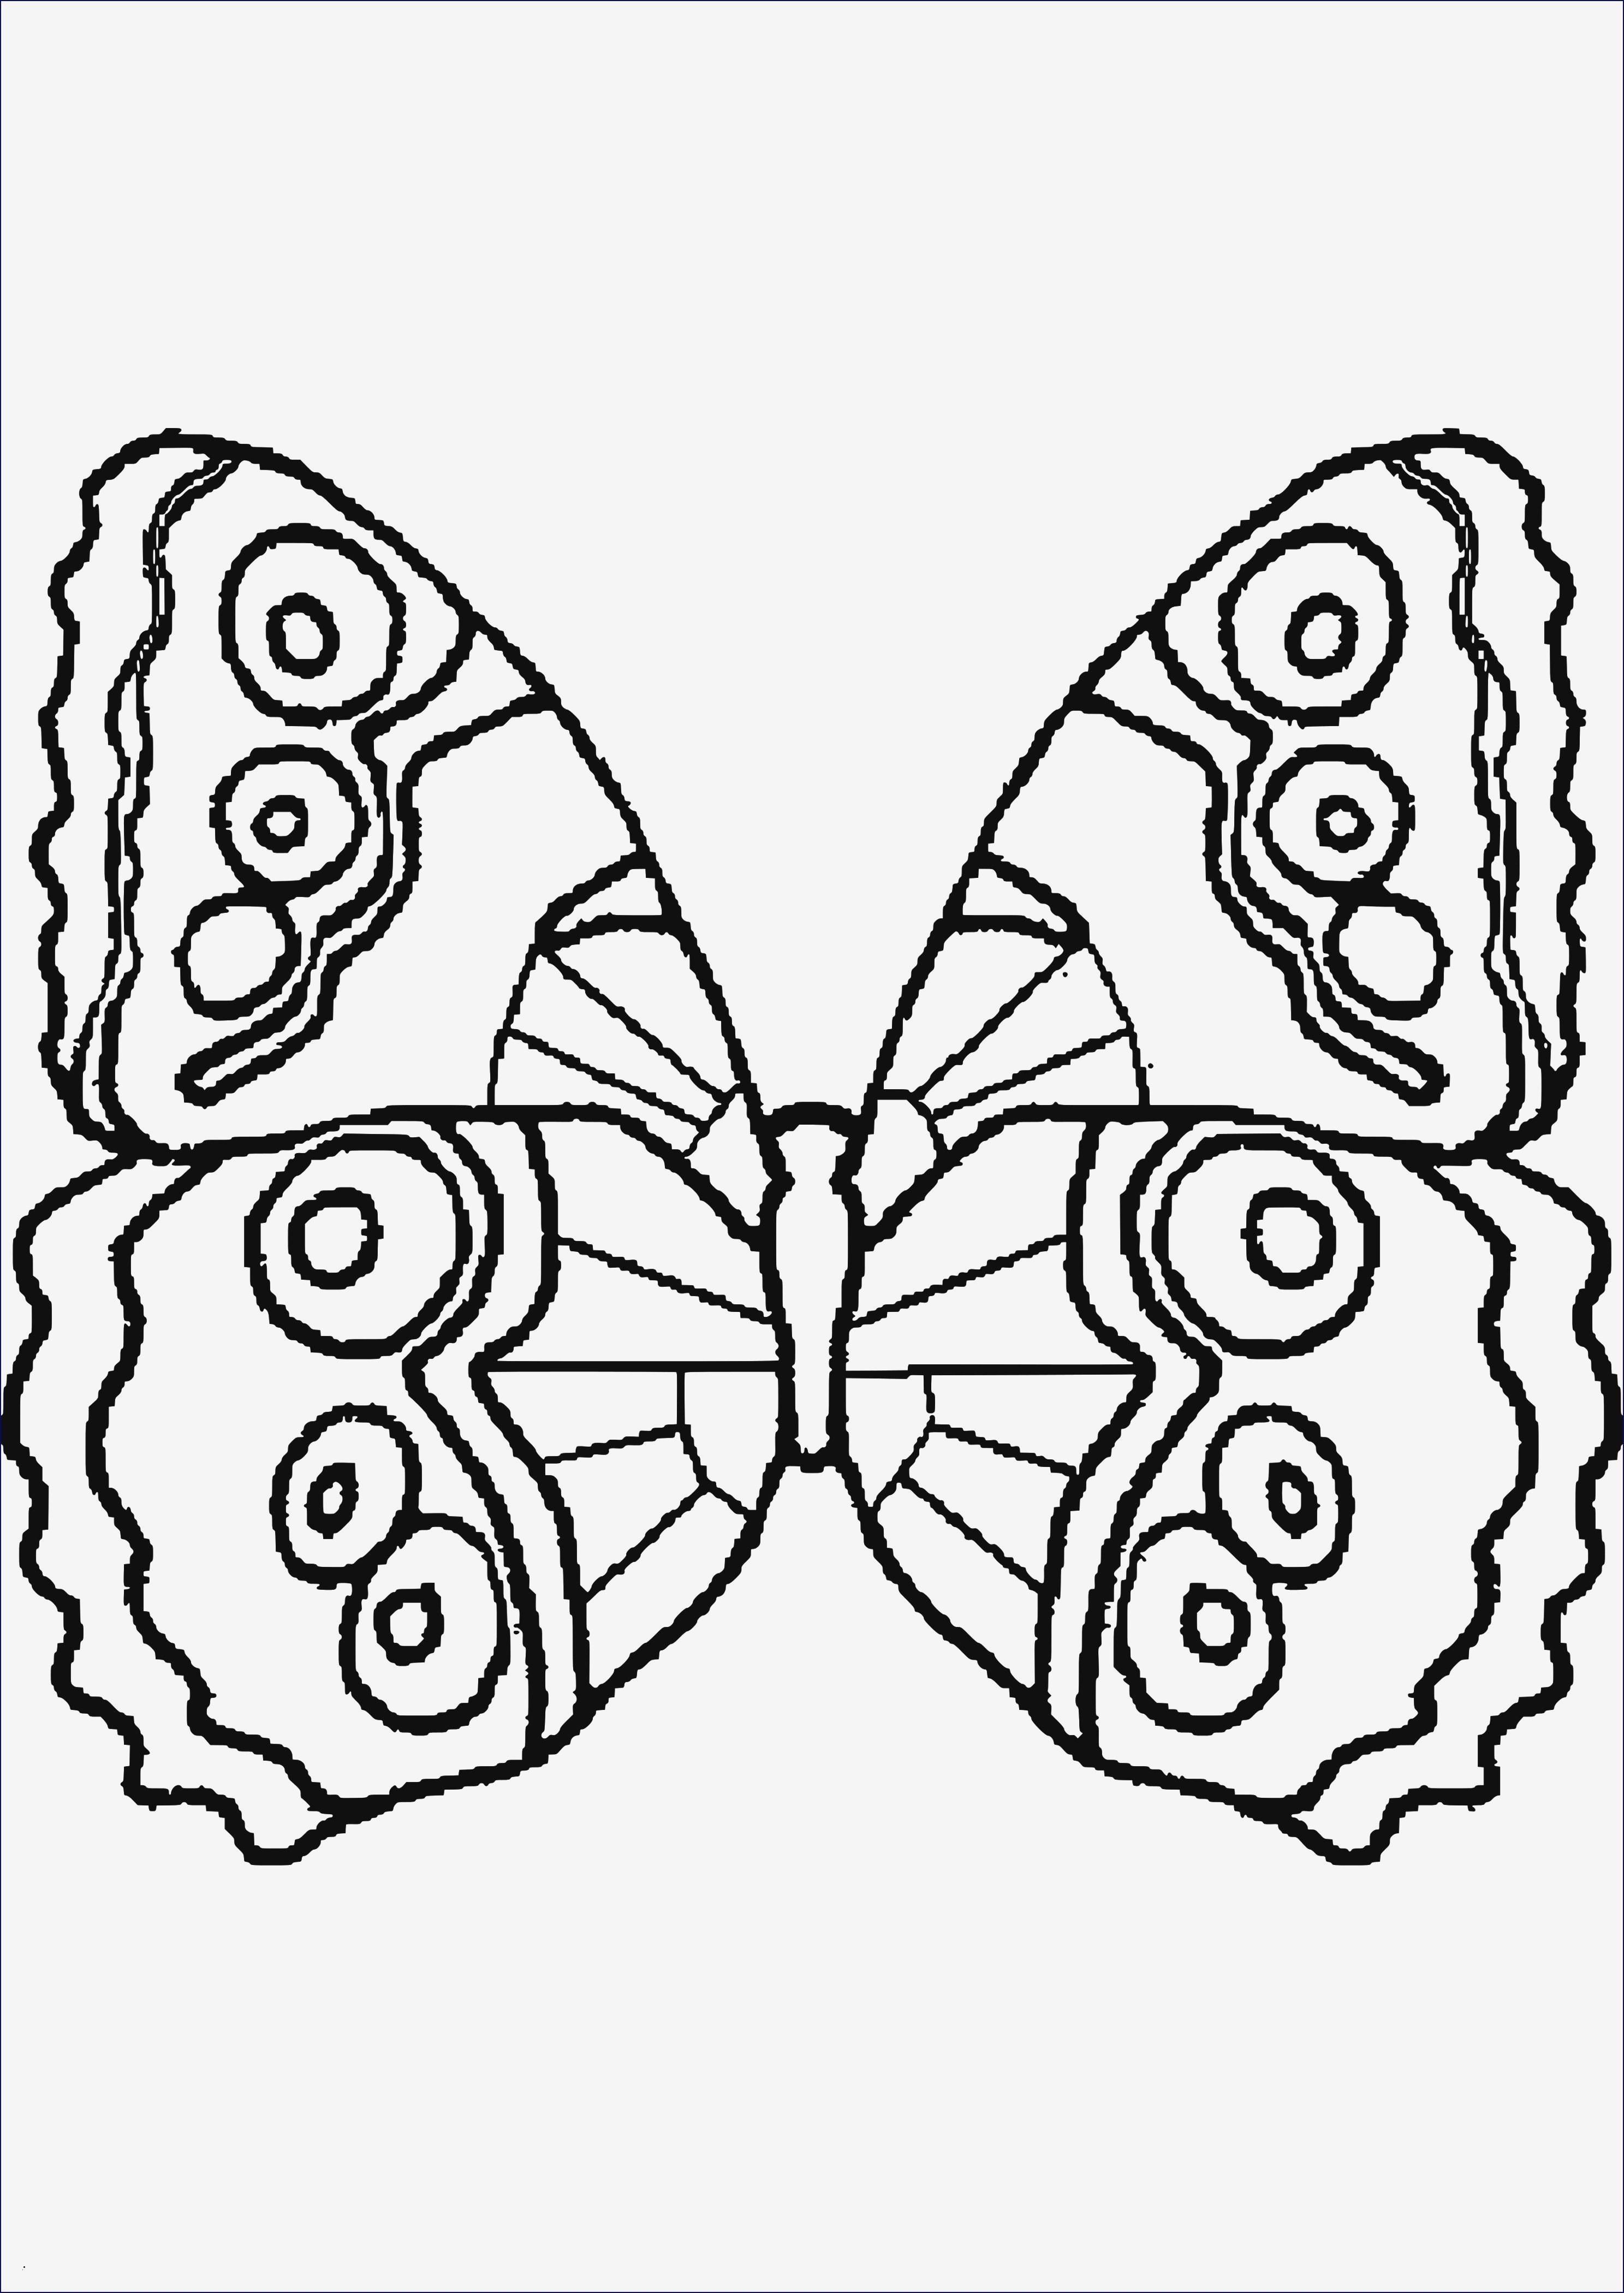 Schmetterlinge Bilder Zum Ausmalen Frisch 48 Idee Malvorlagen Schmetterlinge Treehouse Nyc Galerie